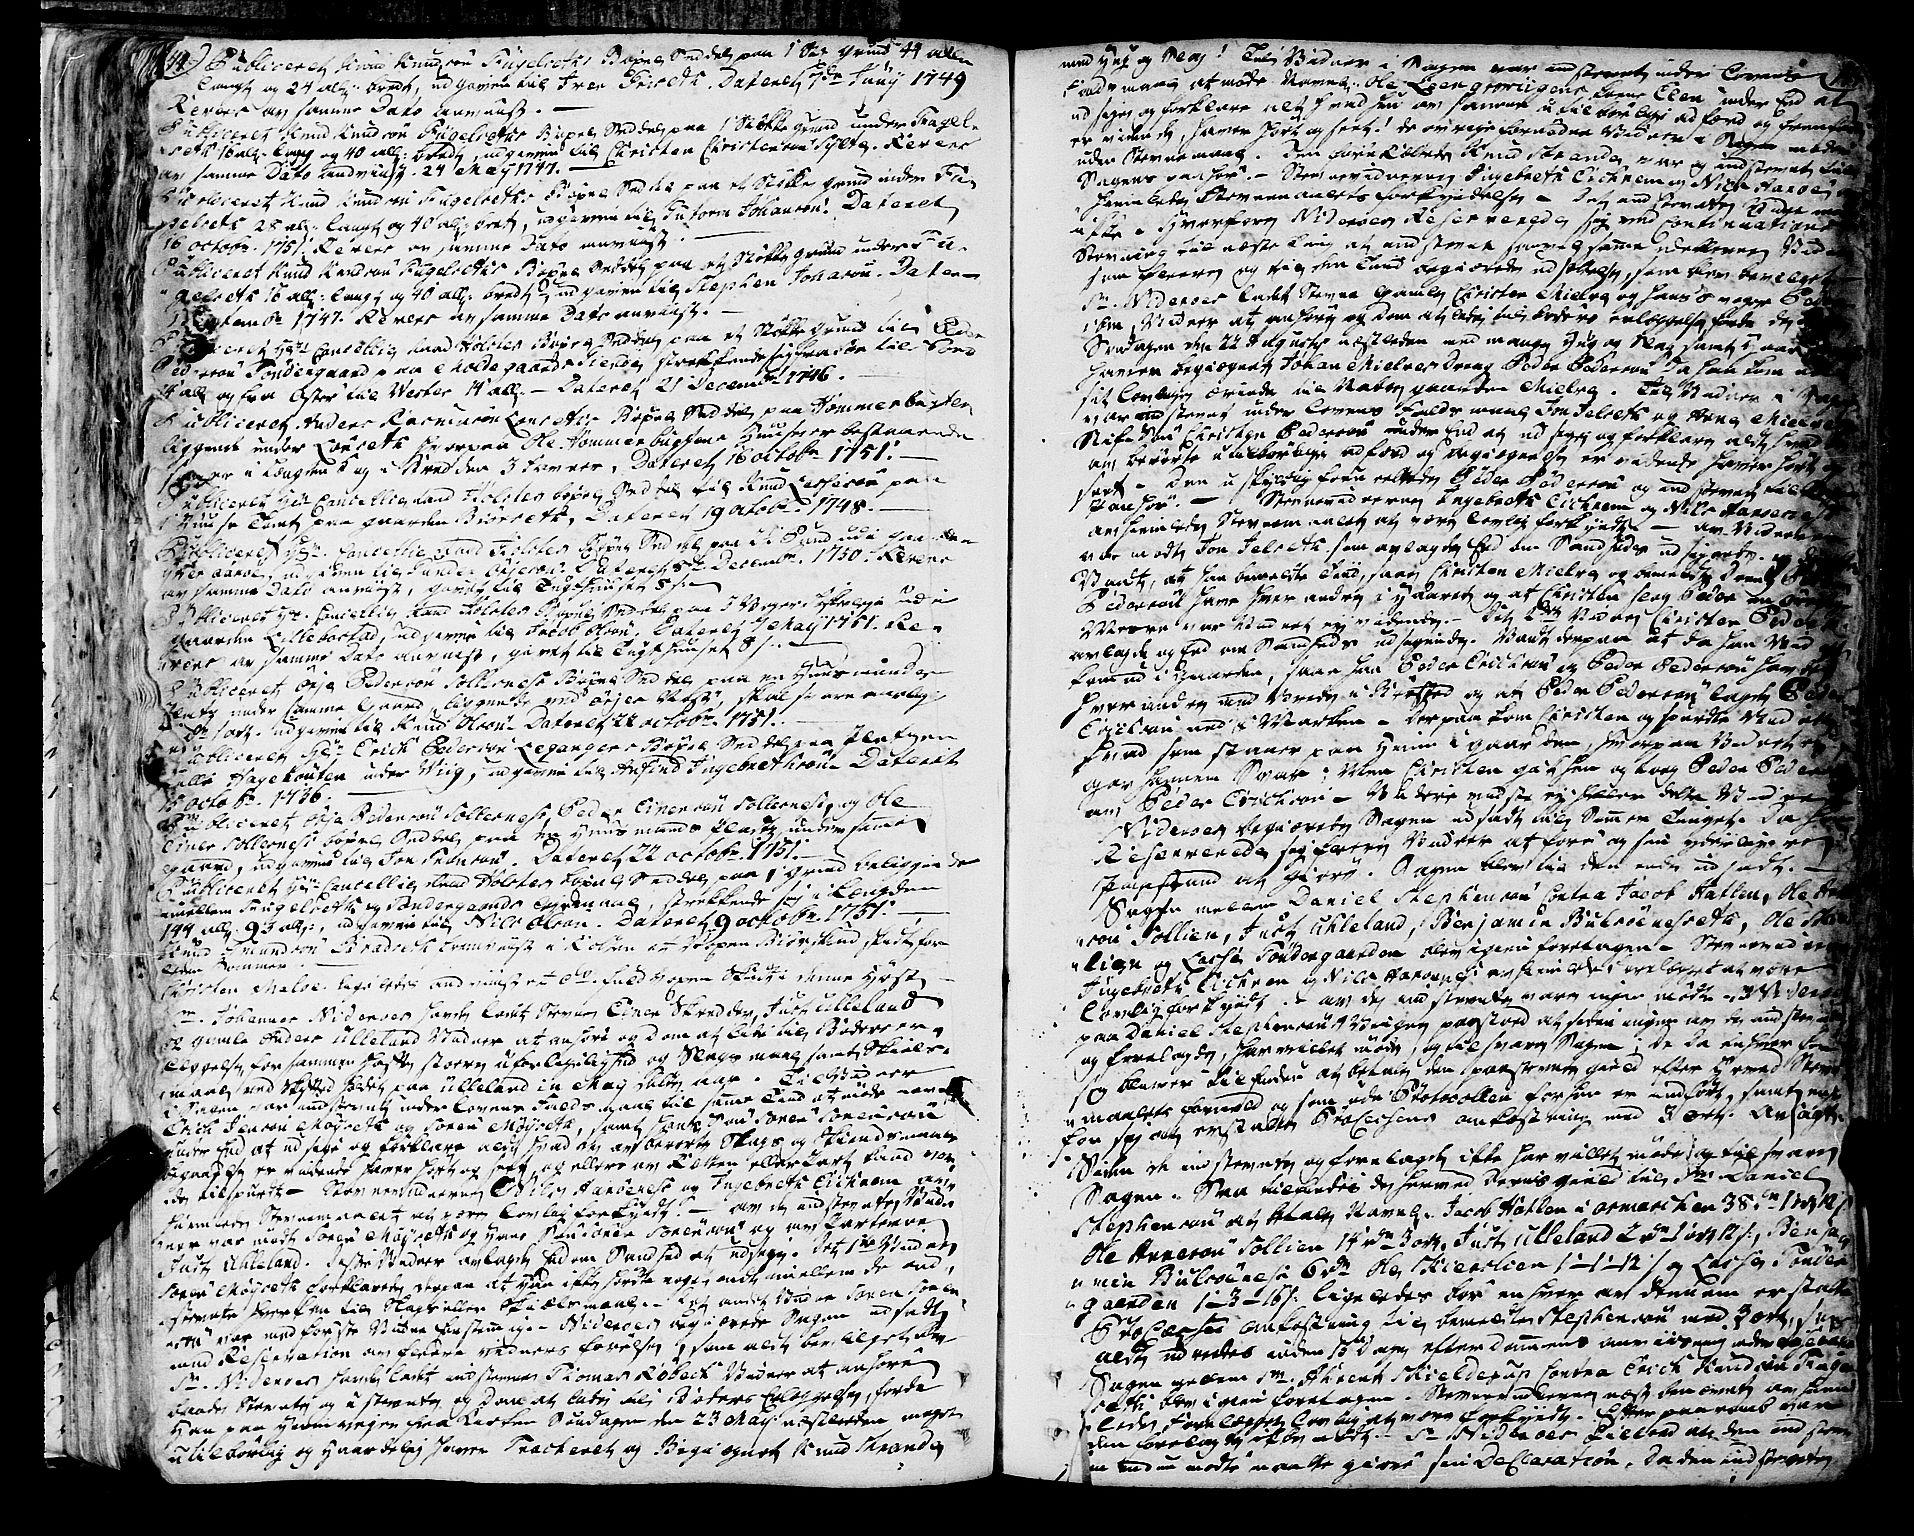 SAT, Romsdal sorenskriveri, 1/1A/L0013: Tingbok, 1749-1757, s. 144-145